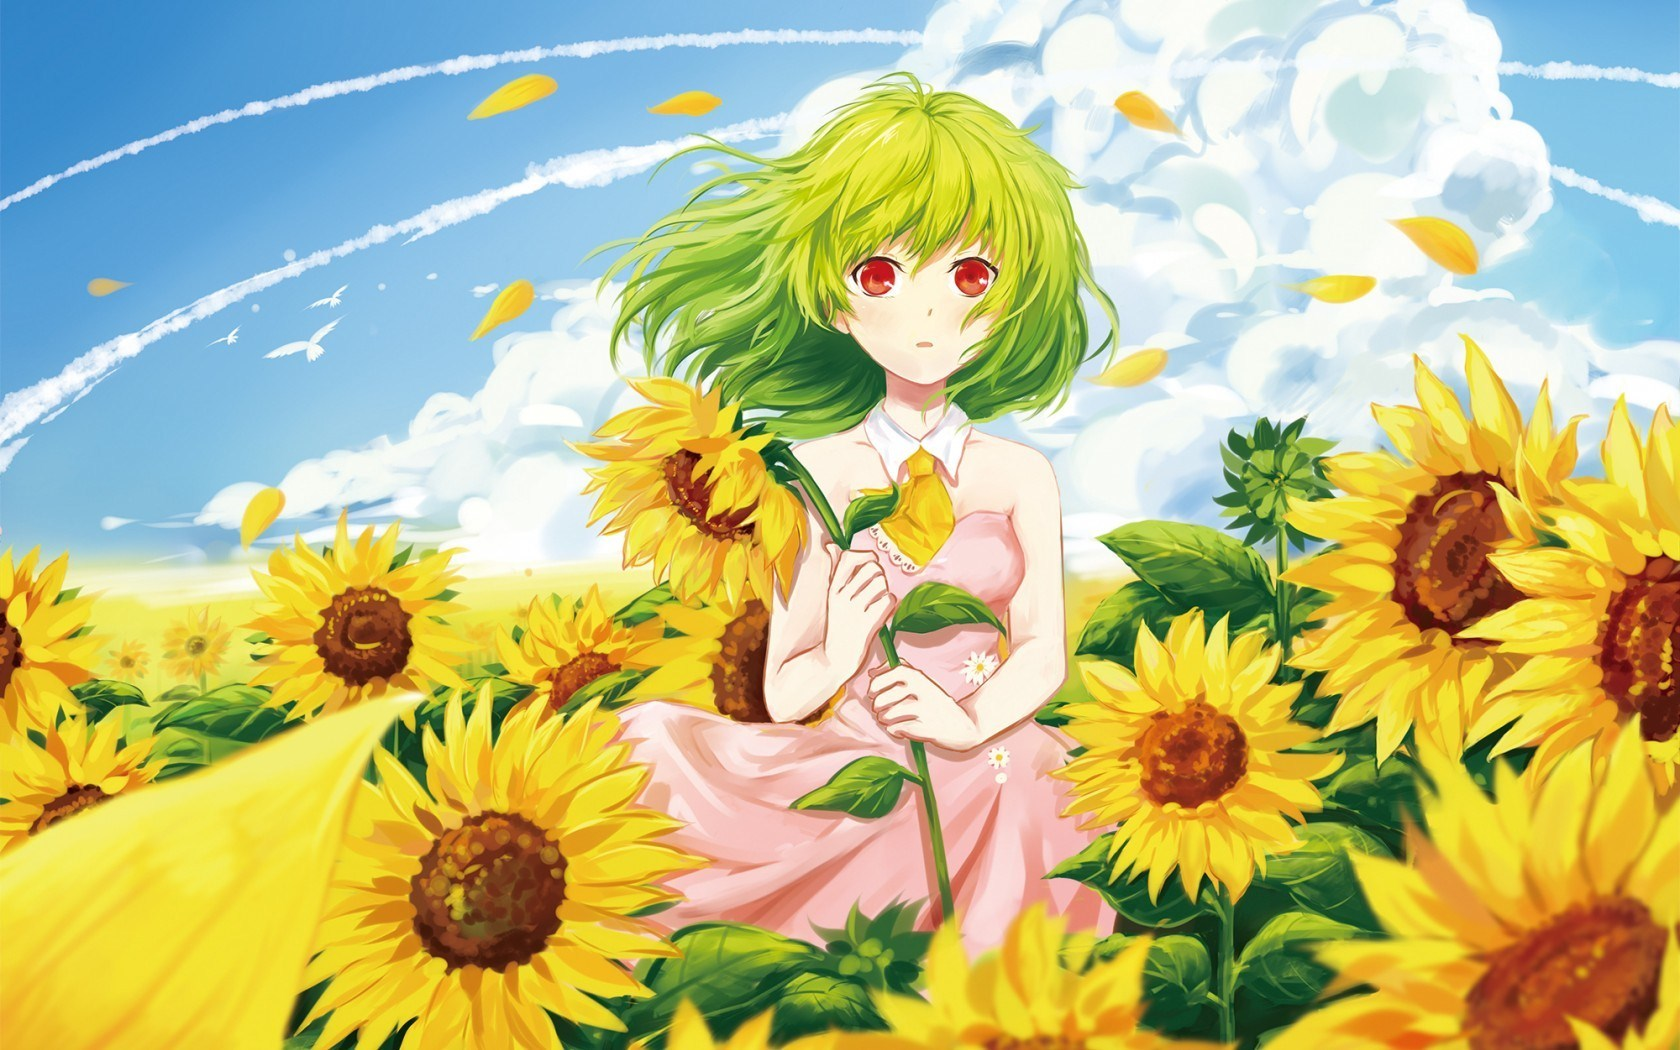 Girl Sunflowers Summer Anime